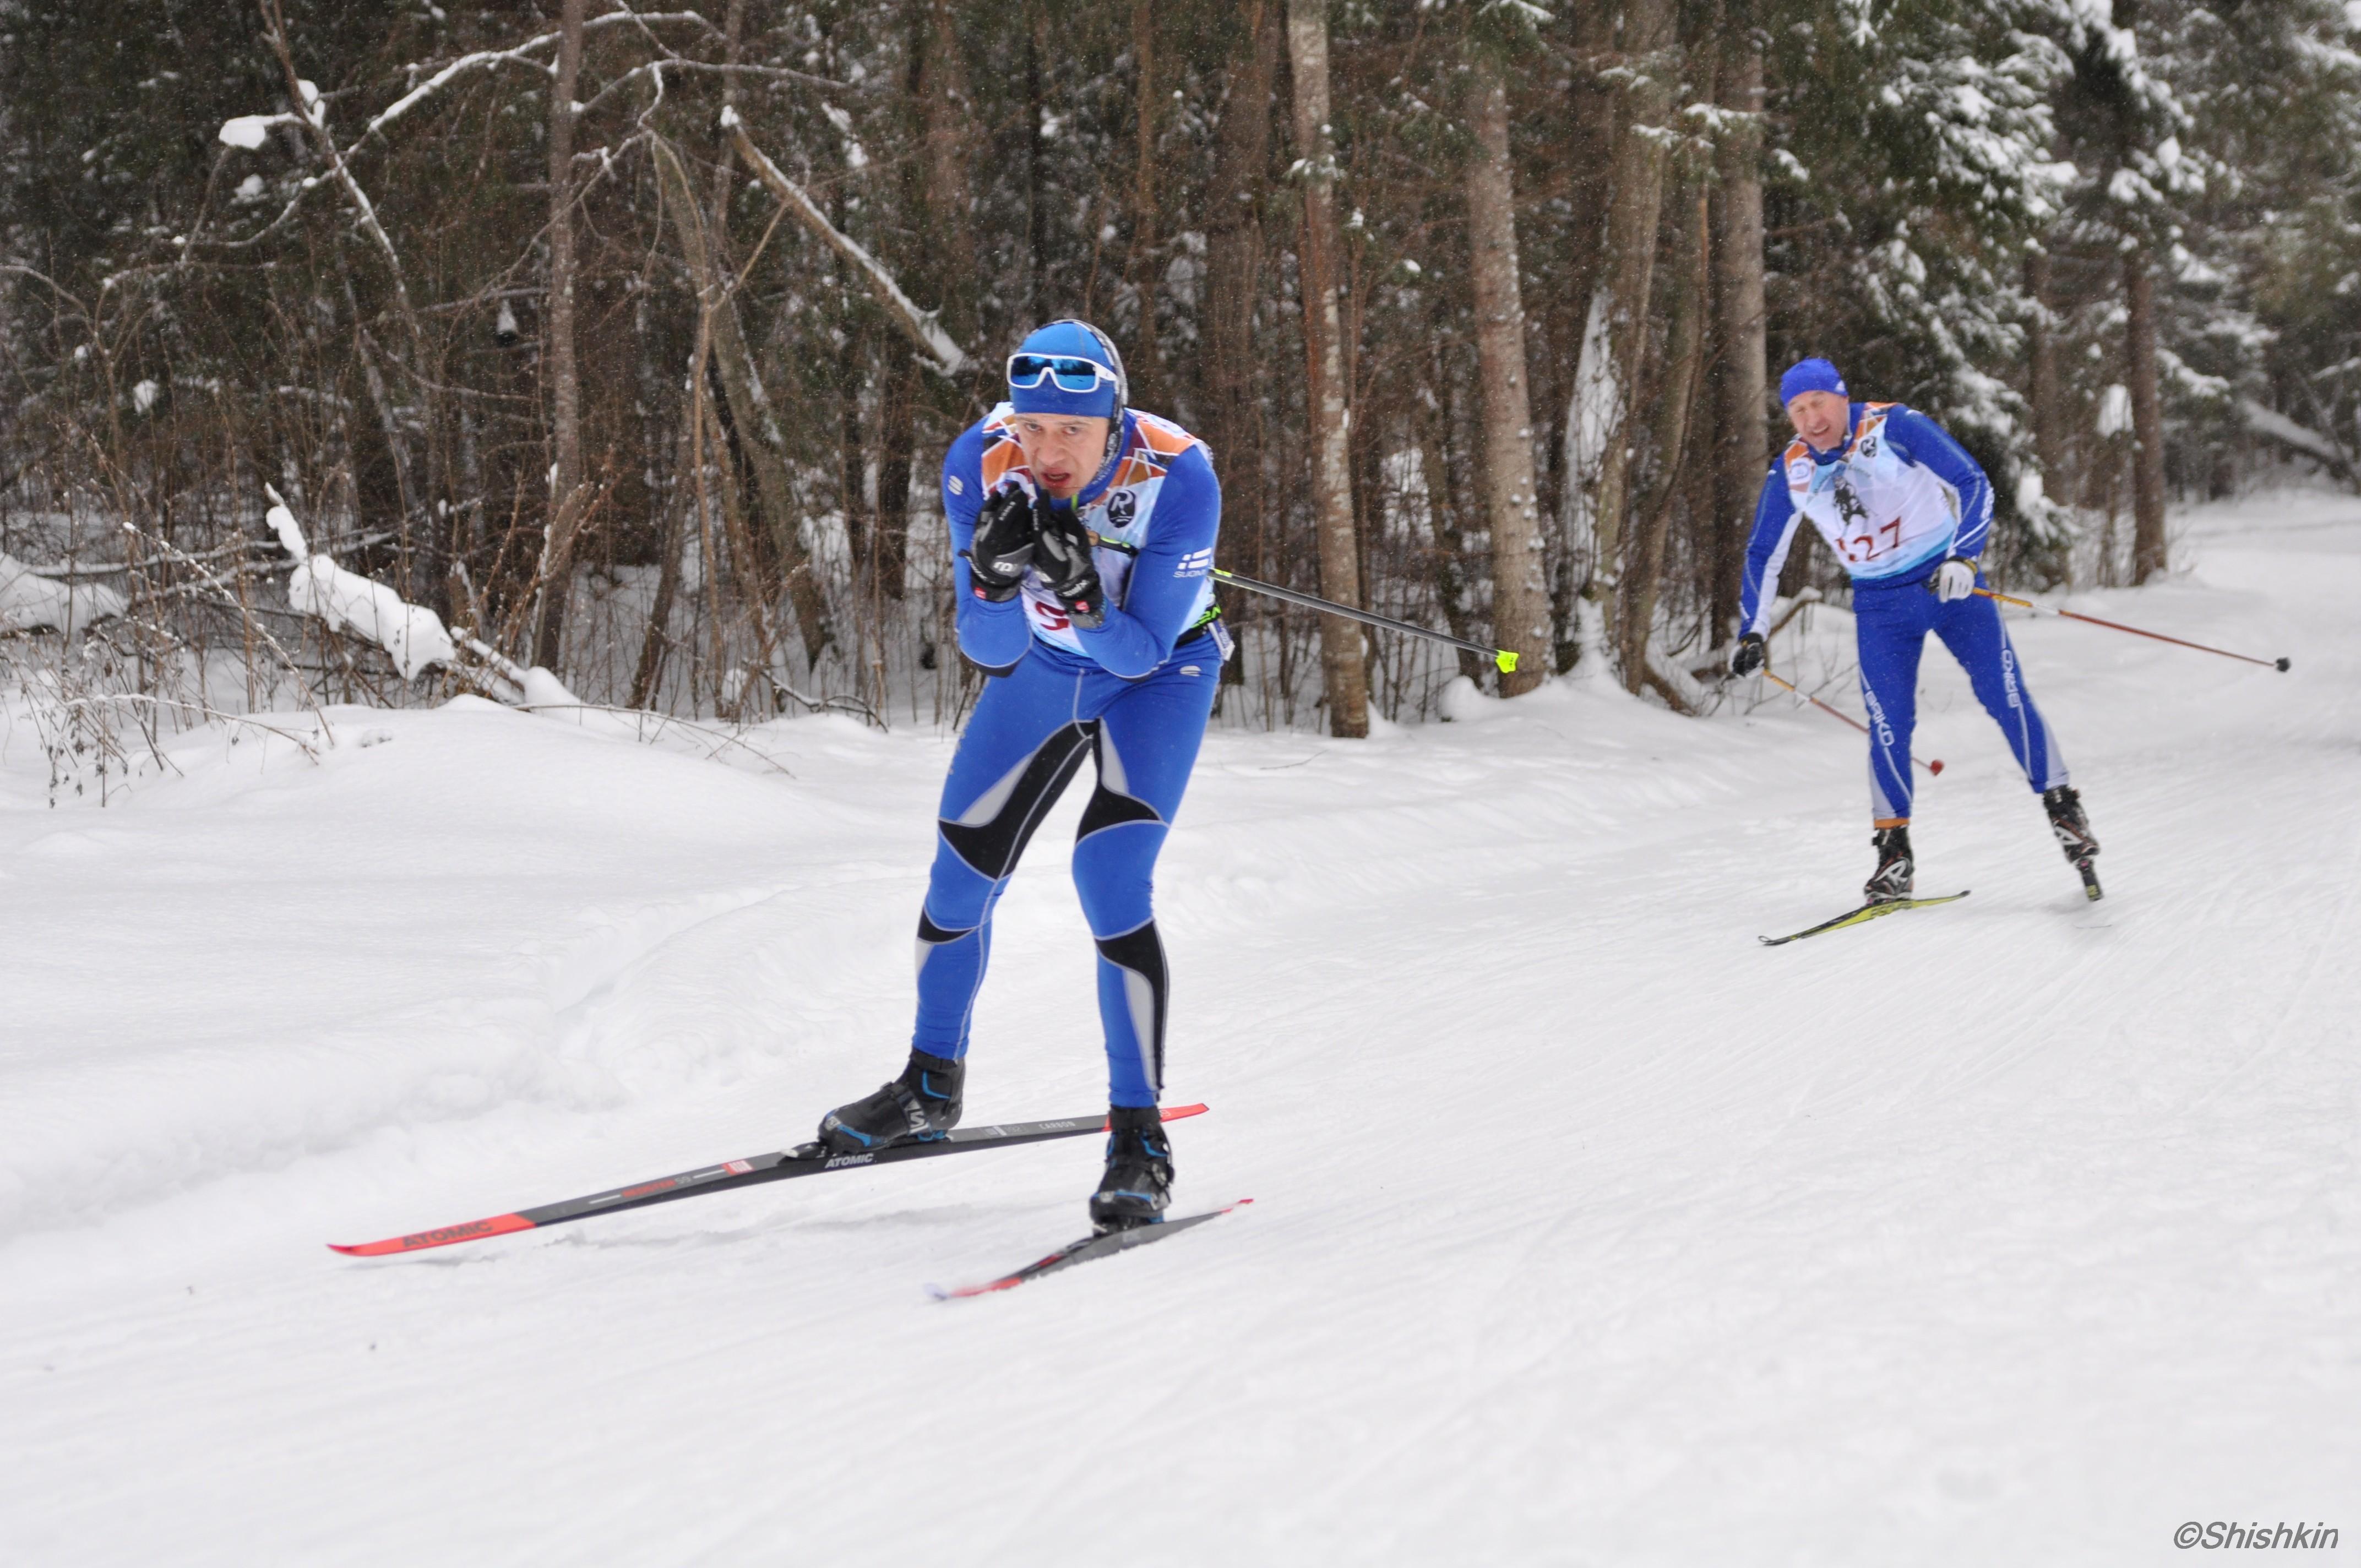 Спуск на трассе лыжного марафона в Вологде